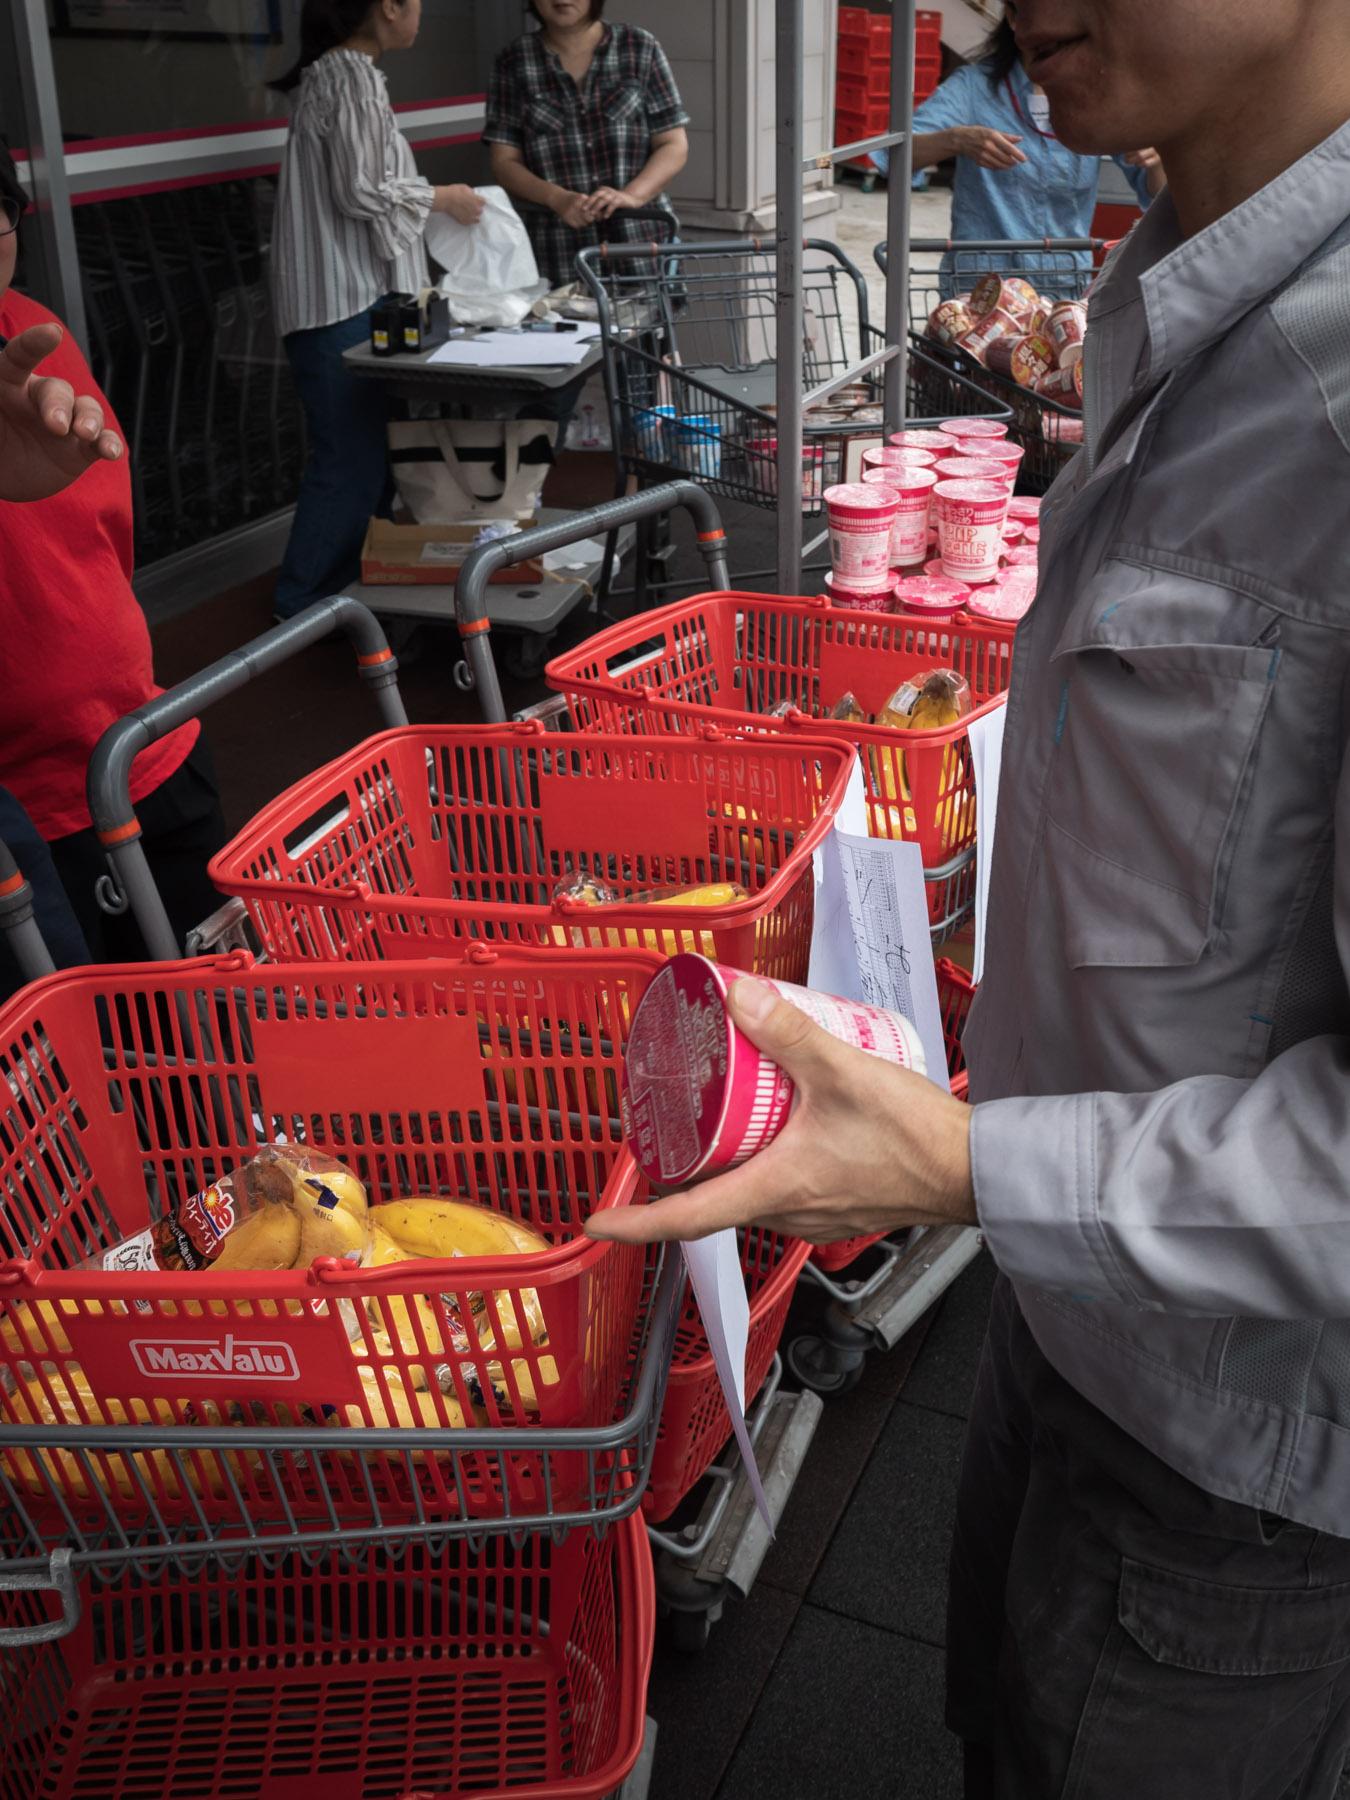 カップ麺を購入する男性